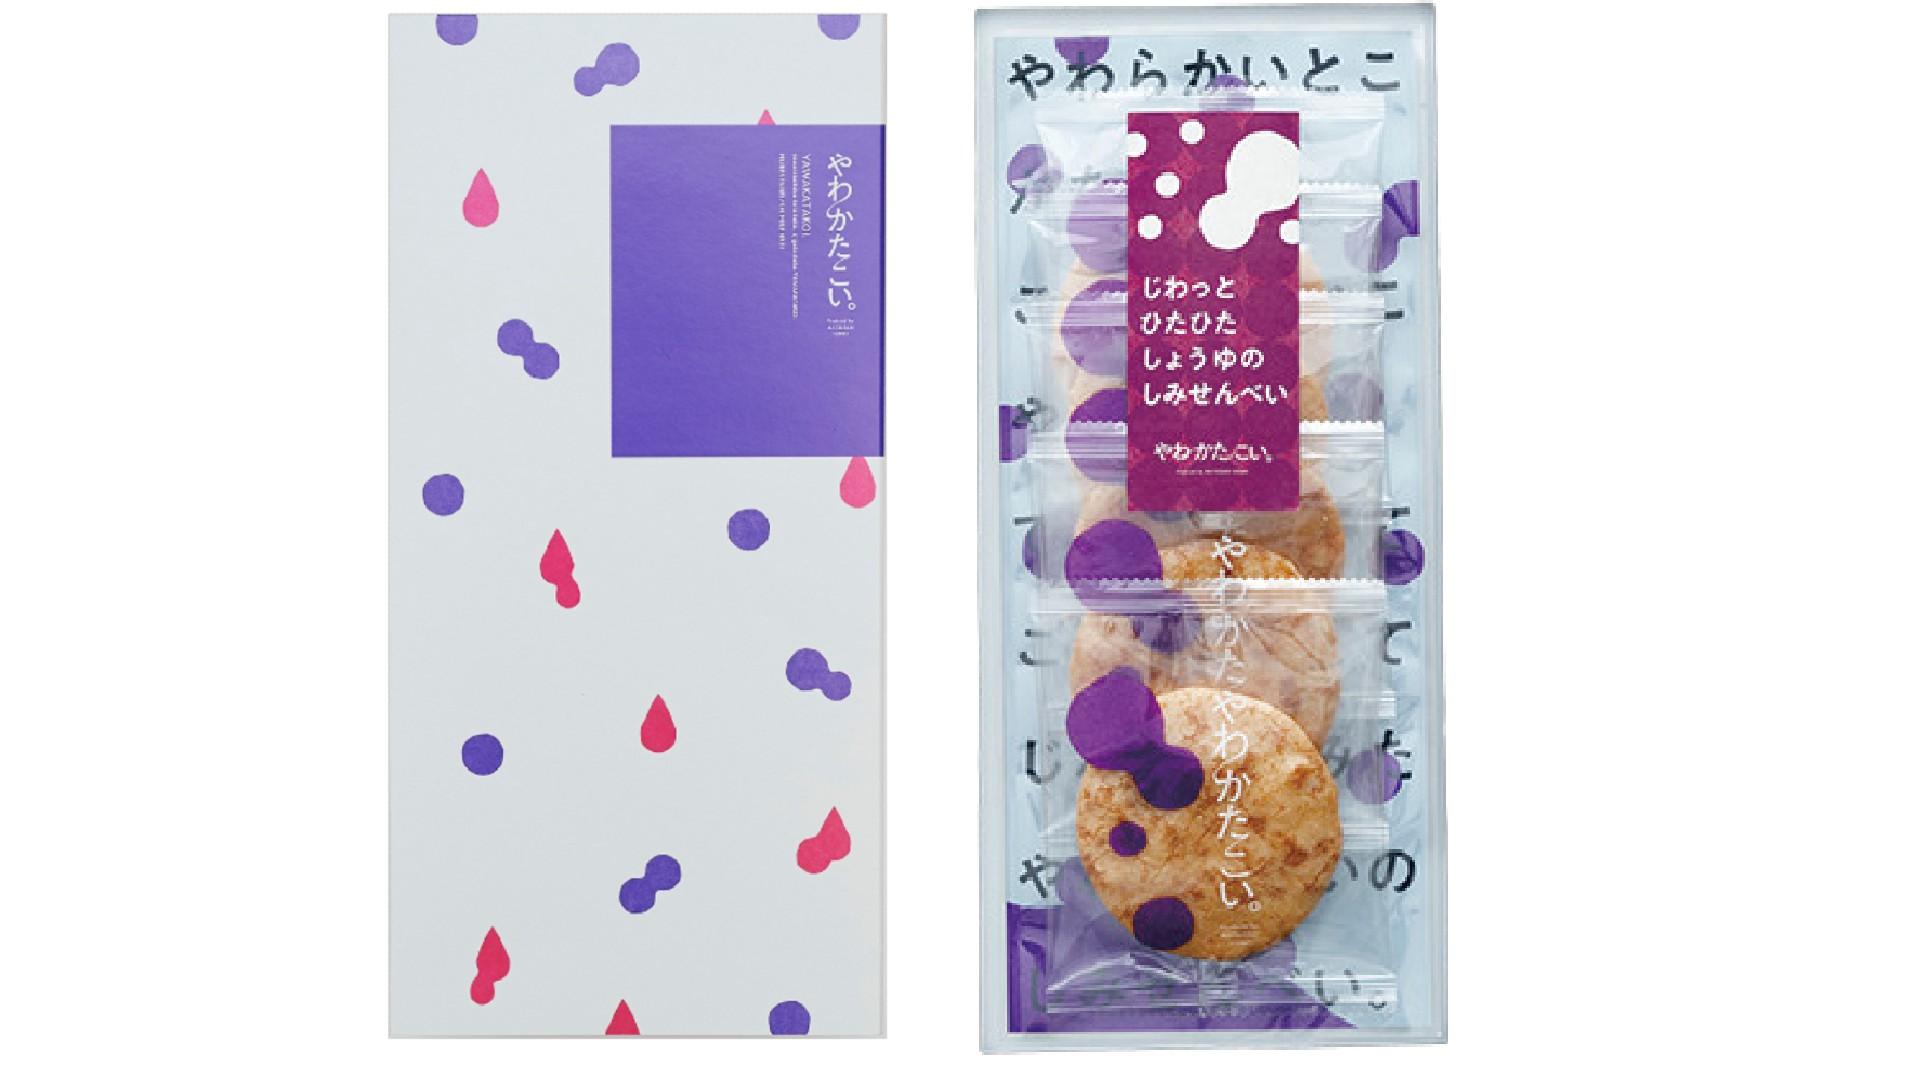 【渋谷】駅直結で買えるおいしい手土産4選。スイーツエキスパートのお墨付き!